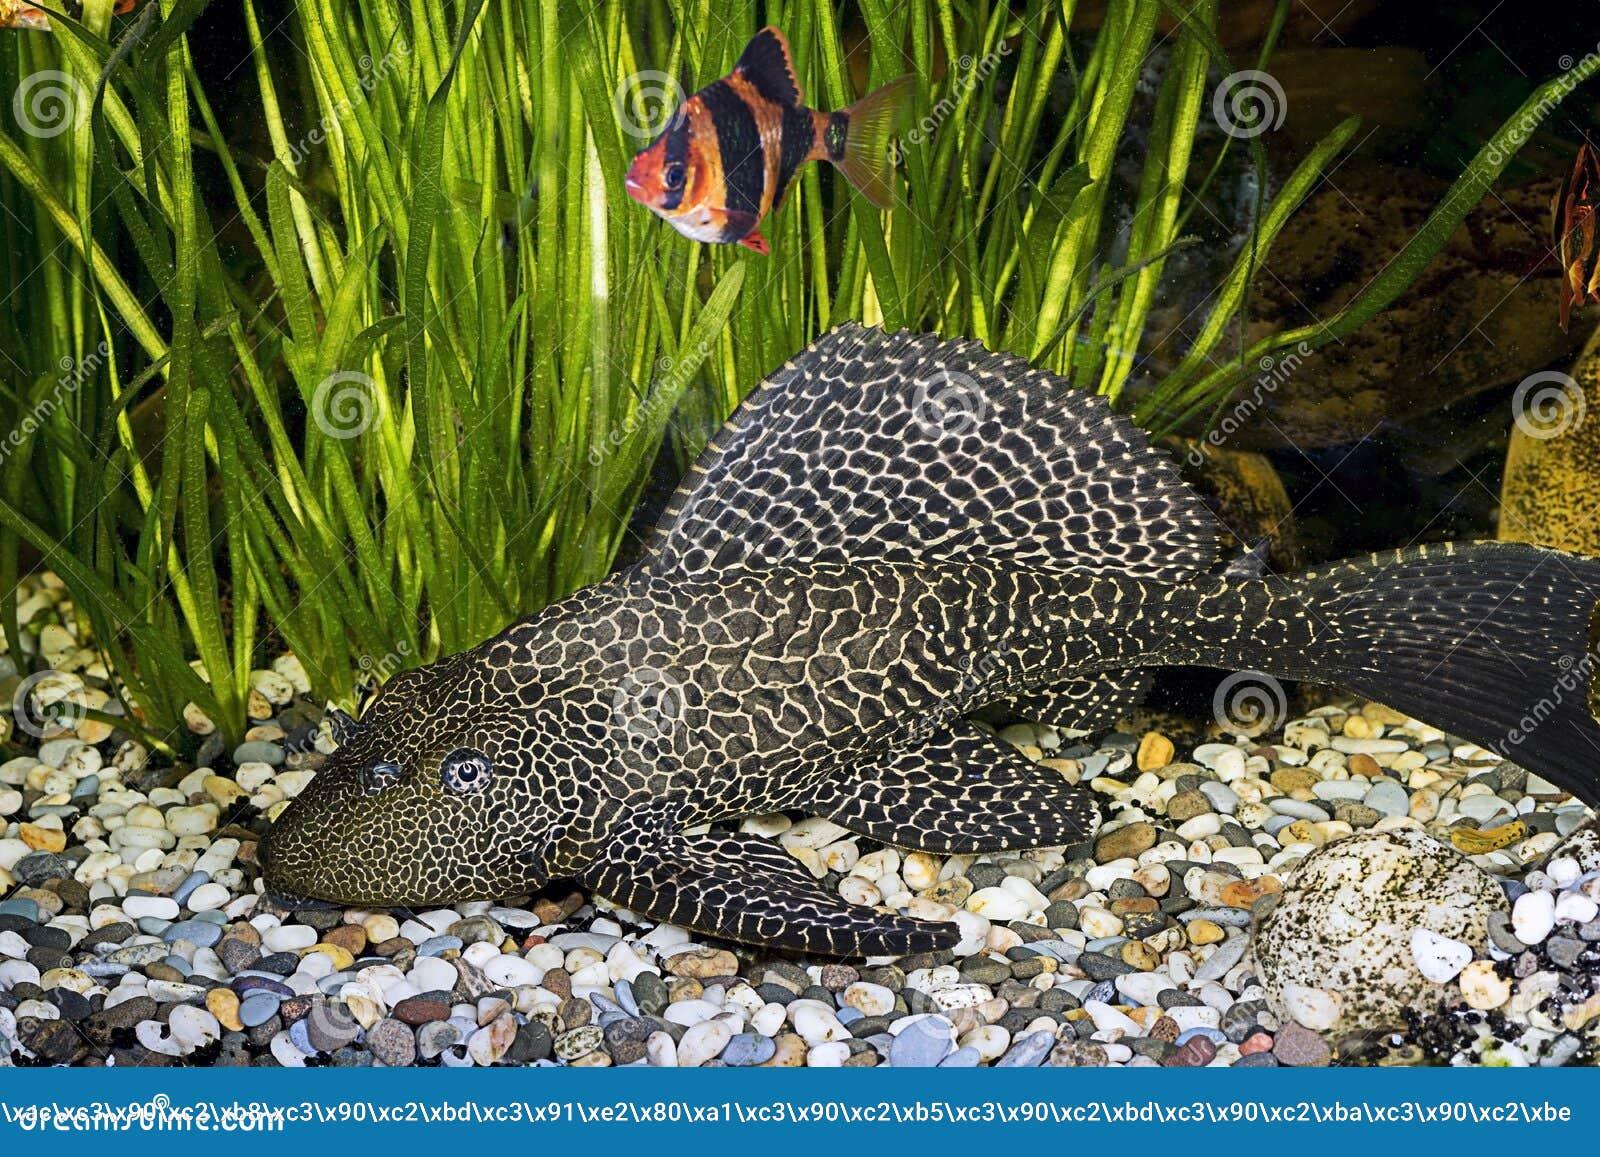 poisson chat blind dans l 39 aquarium la maison photo stock image 47997324. Black Bedroom Furniture Sets. Home Design Ideas